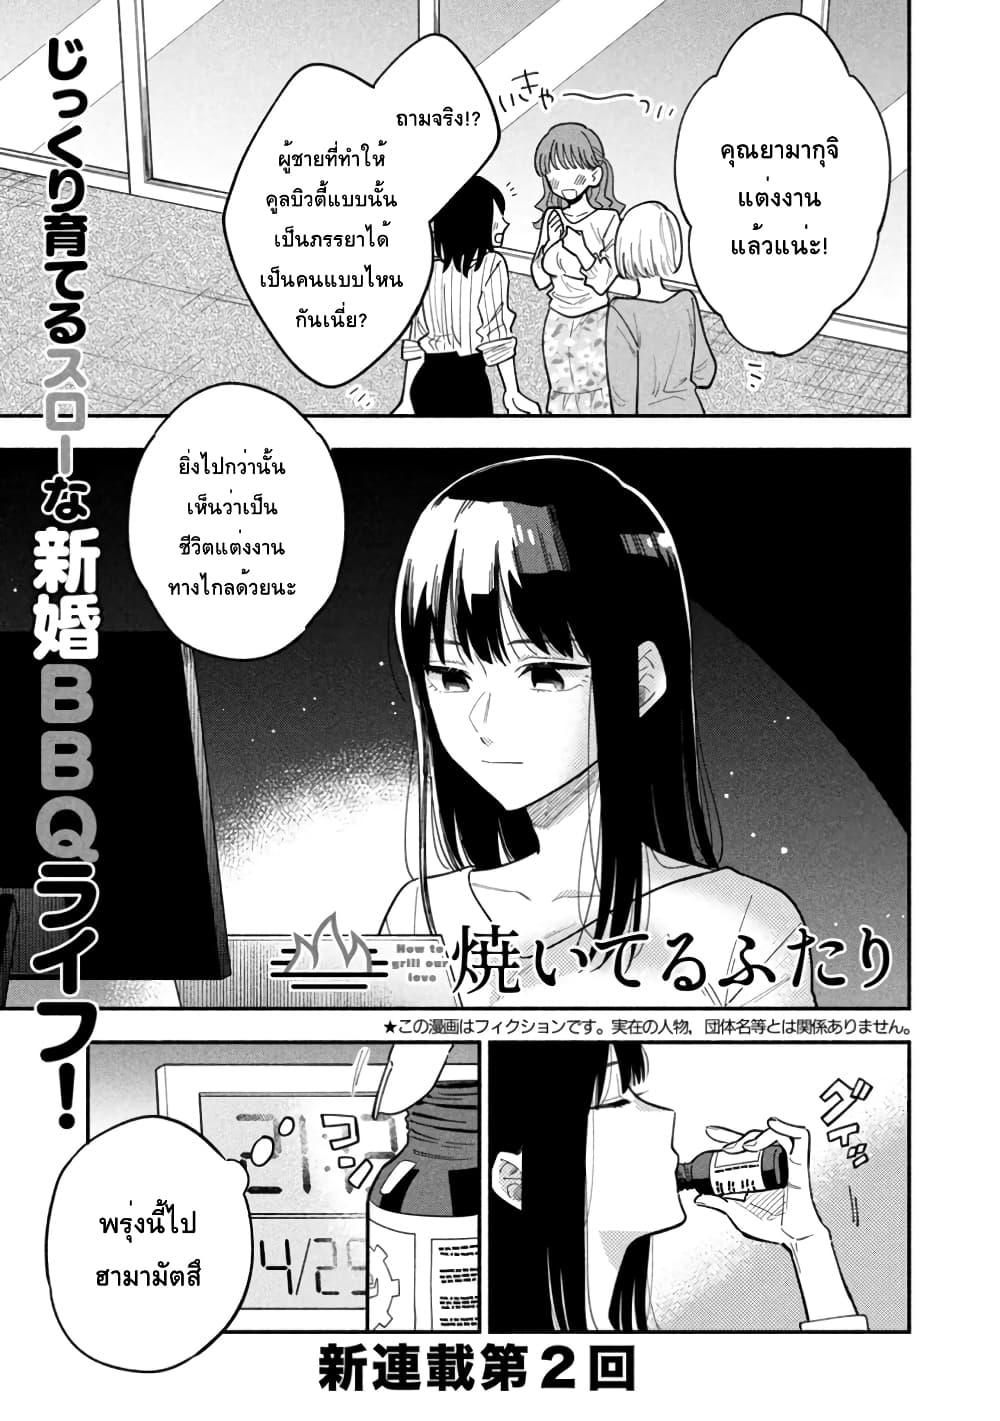 อ่านการ์ตูน Yaiteru Futari ตอนที่ 2 หน้าที่ 1